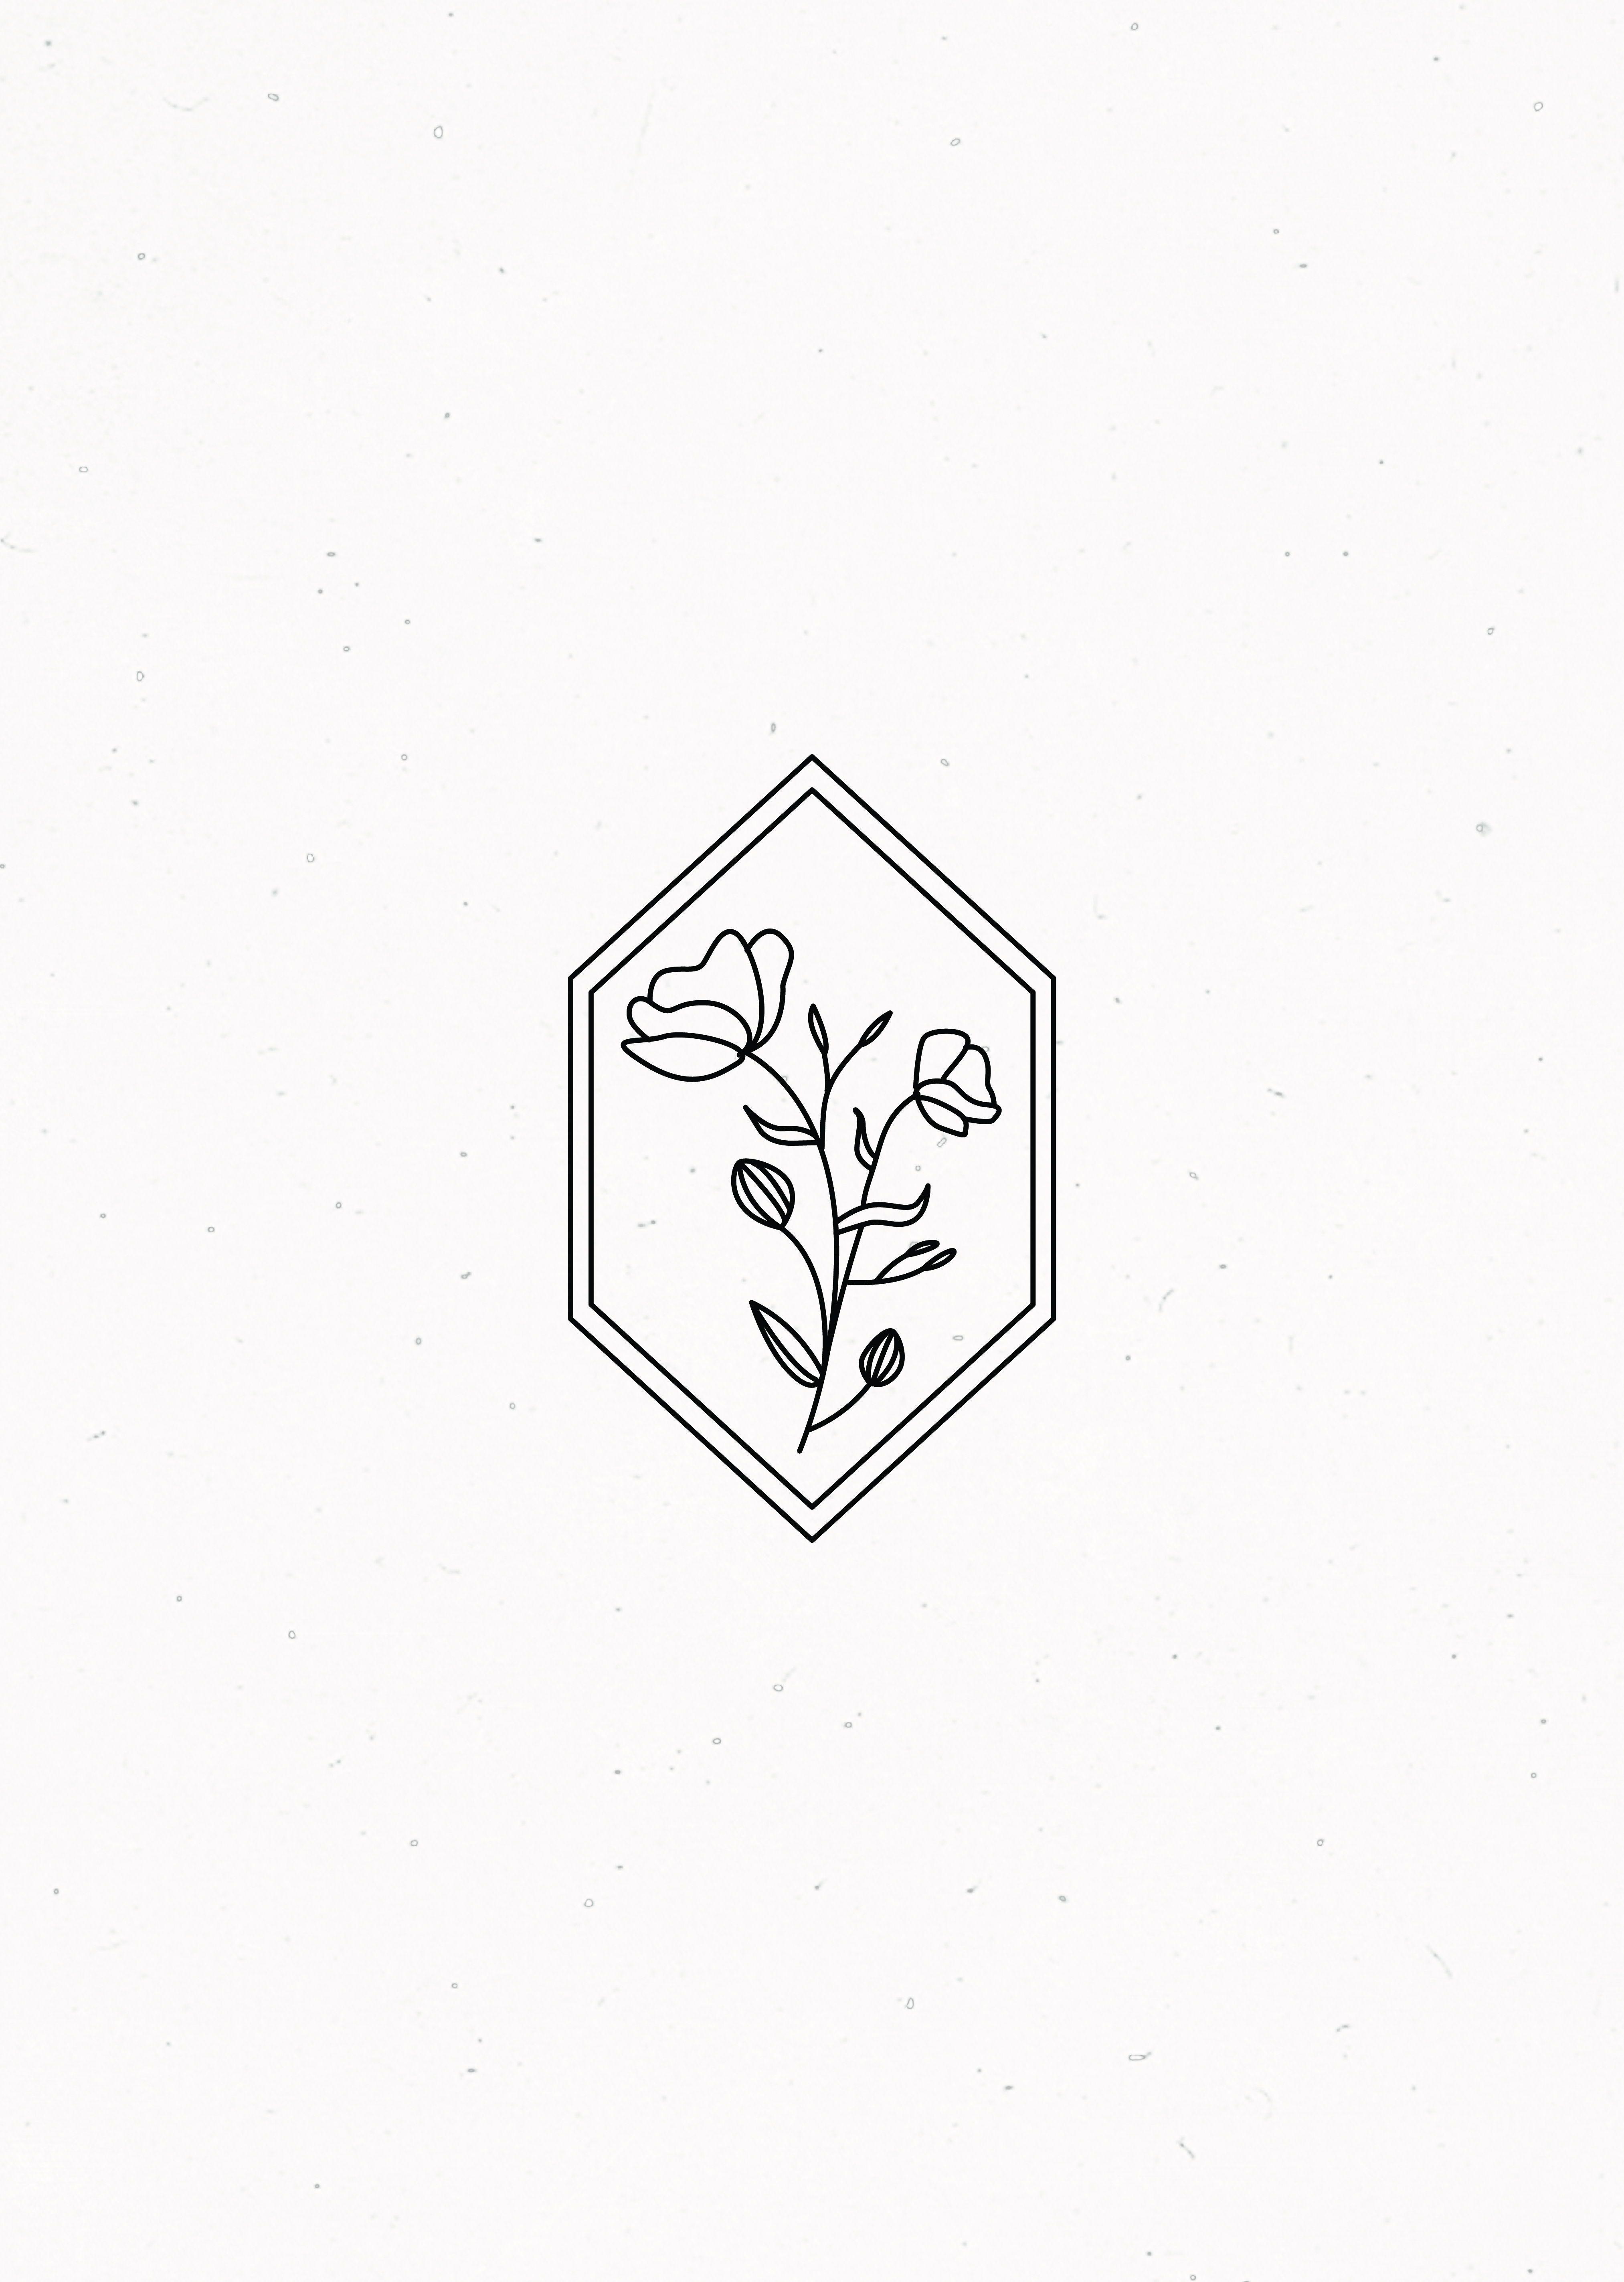 Floral Geometric Illustration Floral Drawing Tattoos Minimalist Drawing